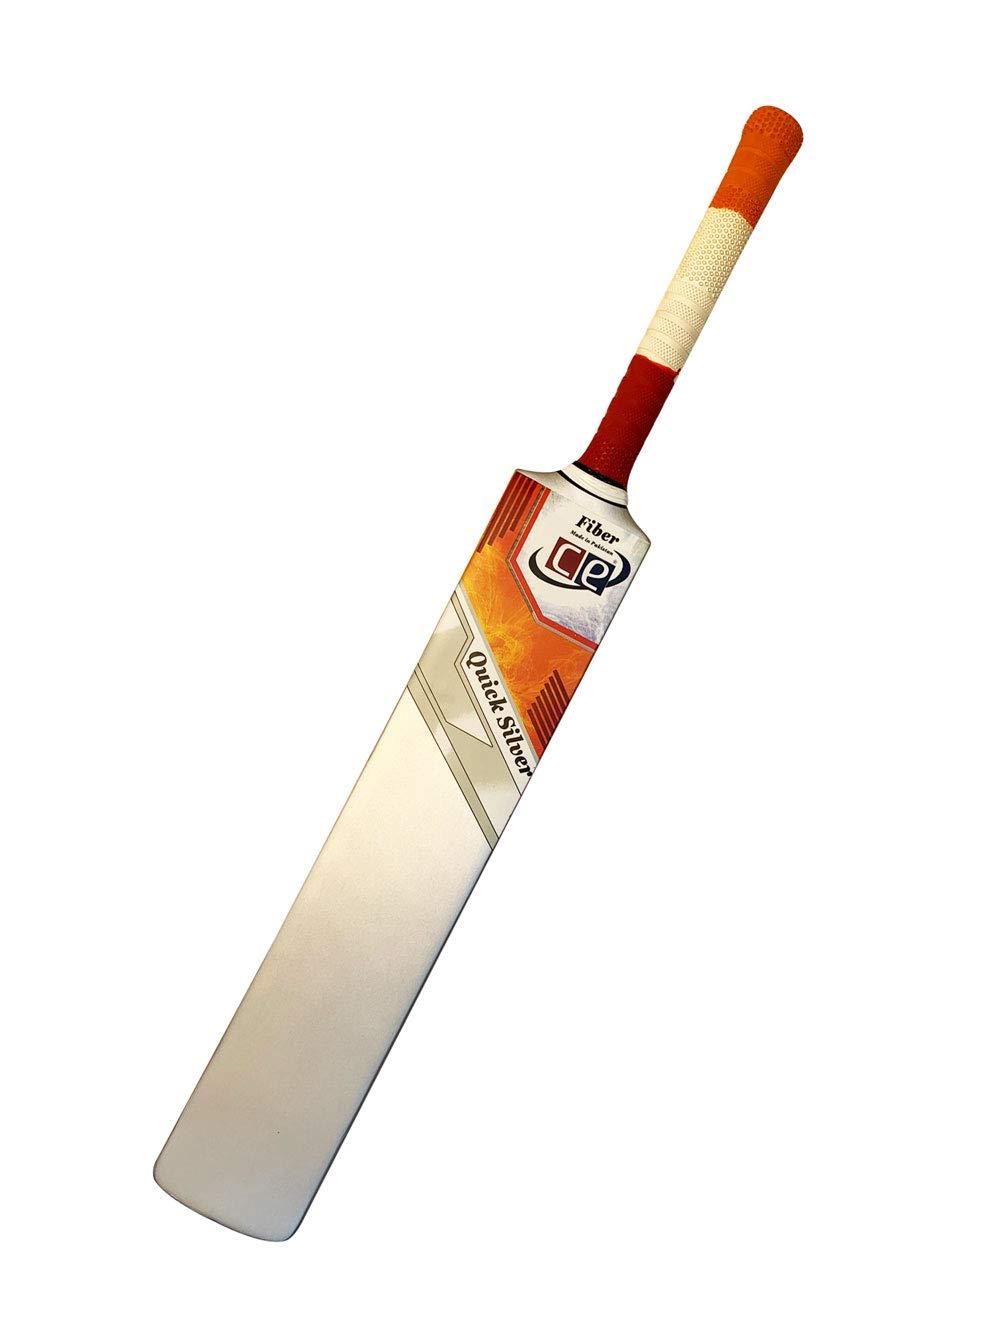 CE Fiber Glass Composite Light Weight 2 LBS Pounds Cricket Bat Full Size Short Handle